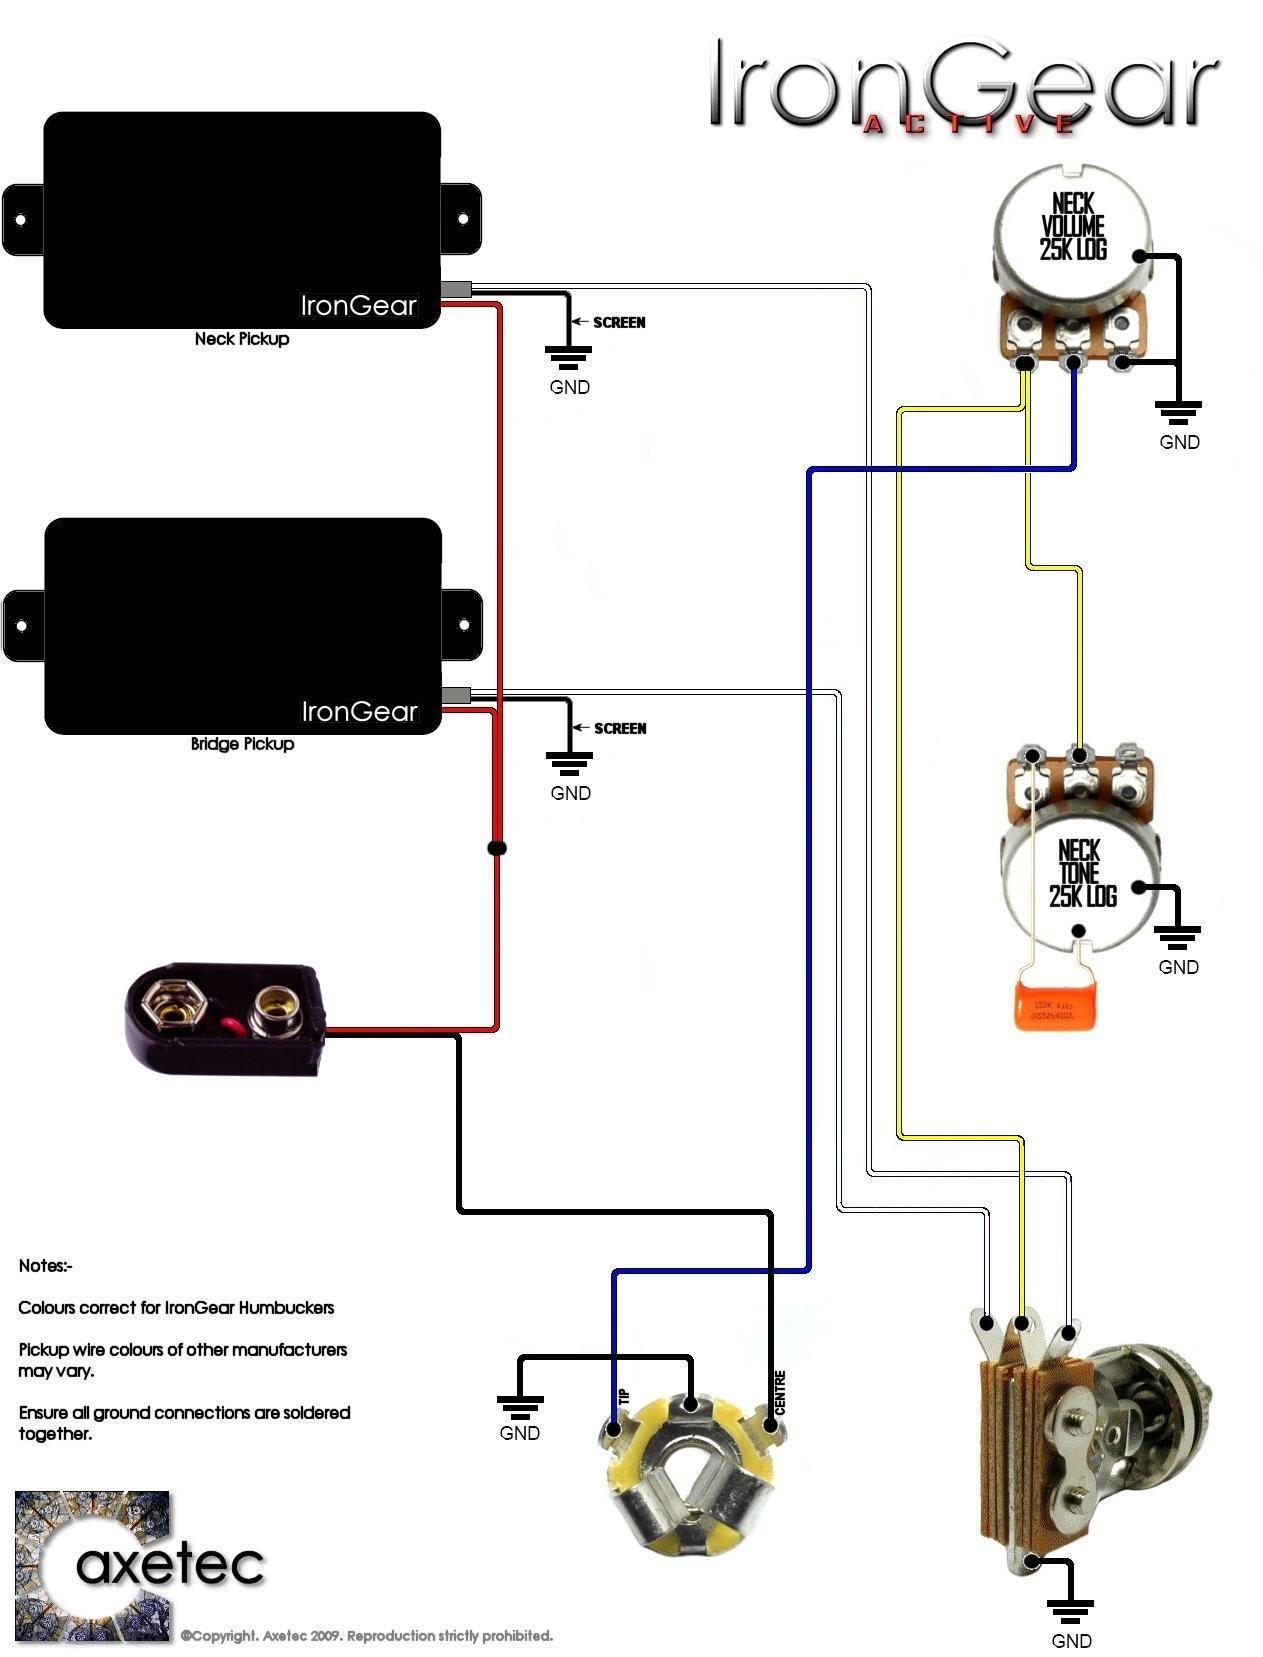 Wiring Diagram Guitar Pickups Save Irongear Pickups Wiring New Guitar Diagram 2 Humbucker 1 Volume Tone